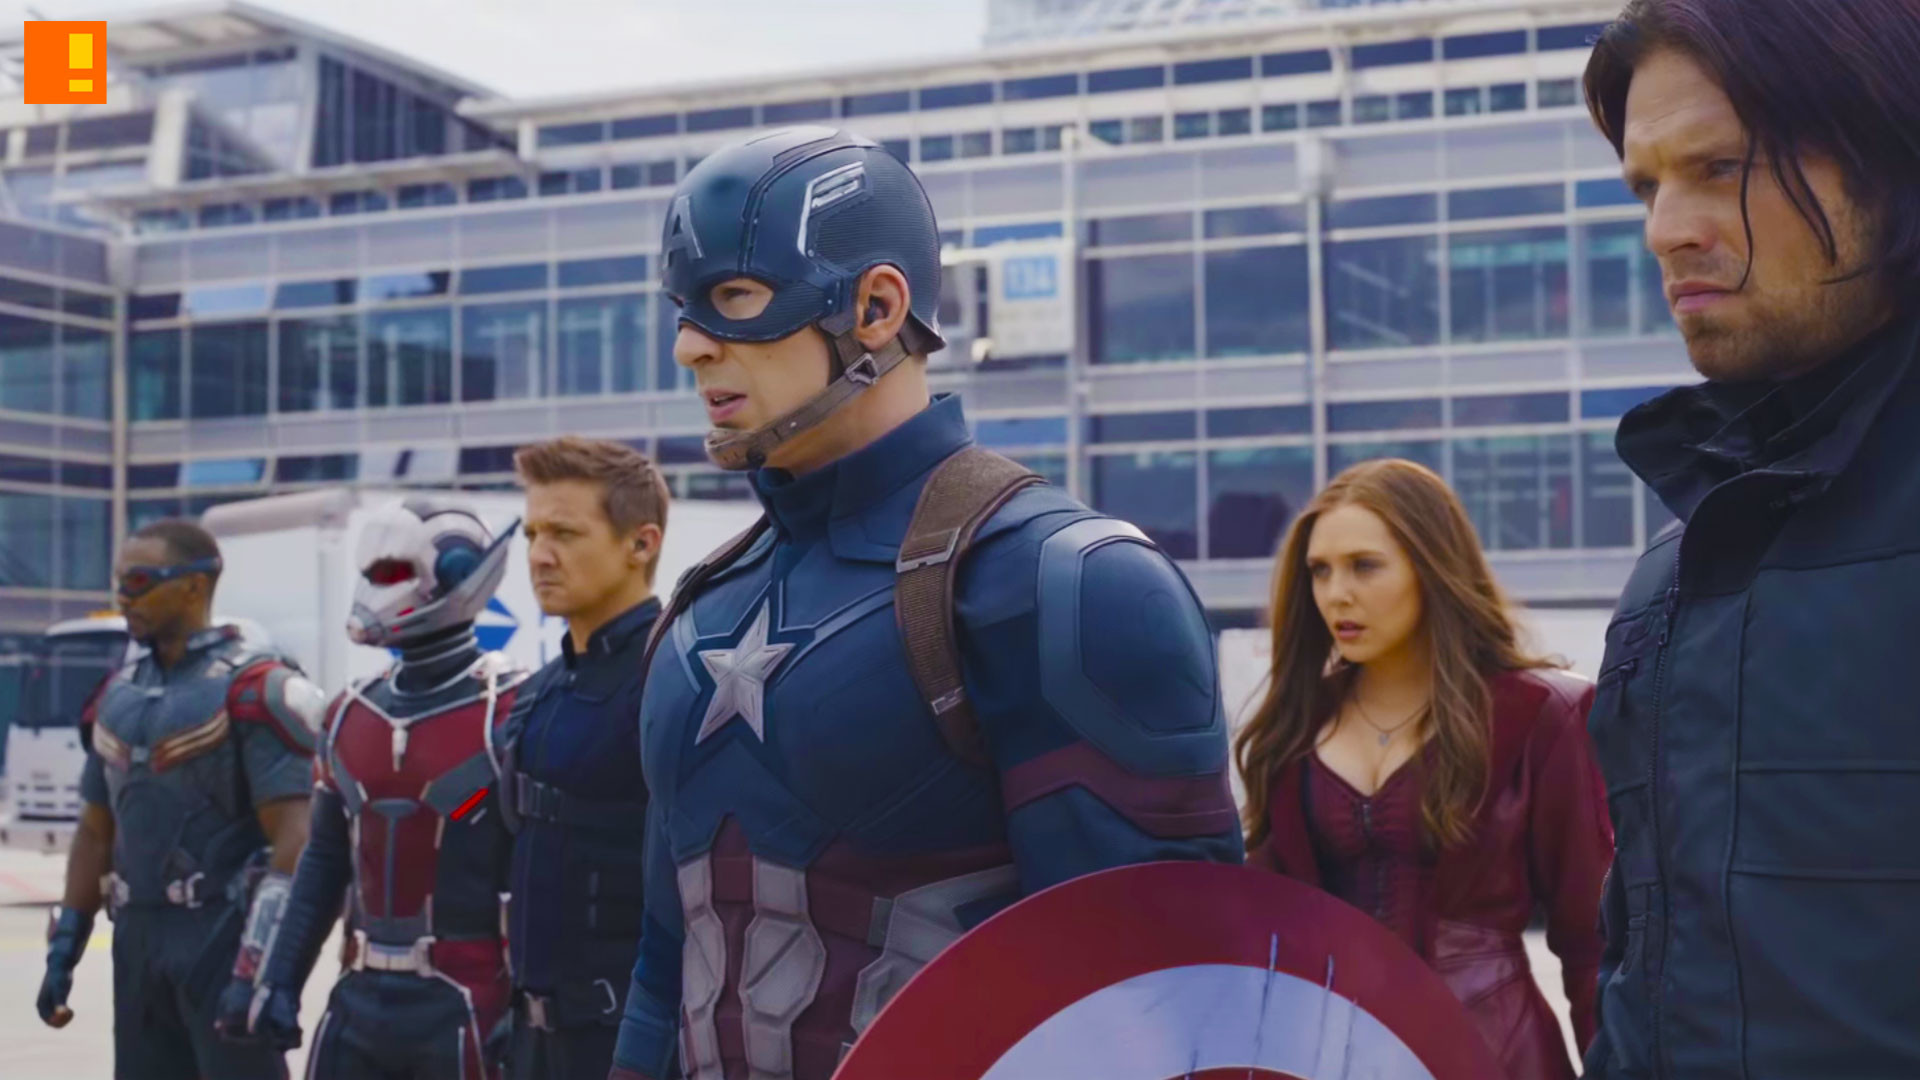 captain america .civil war. team cap. iron man. captain america Civil War